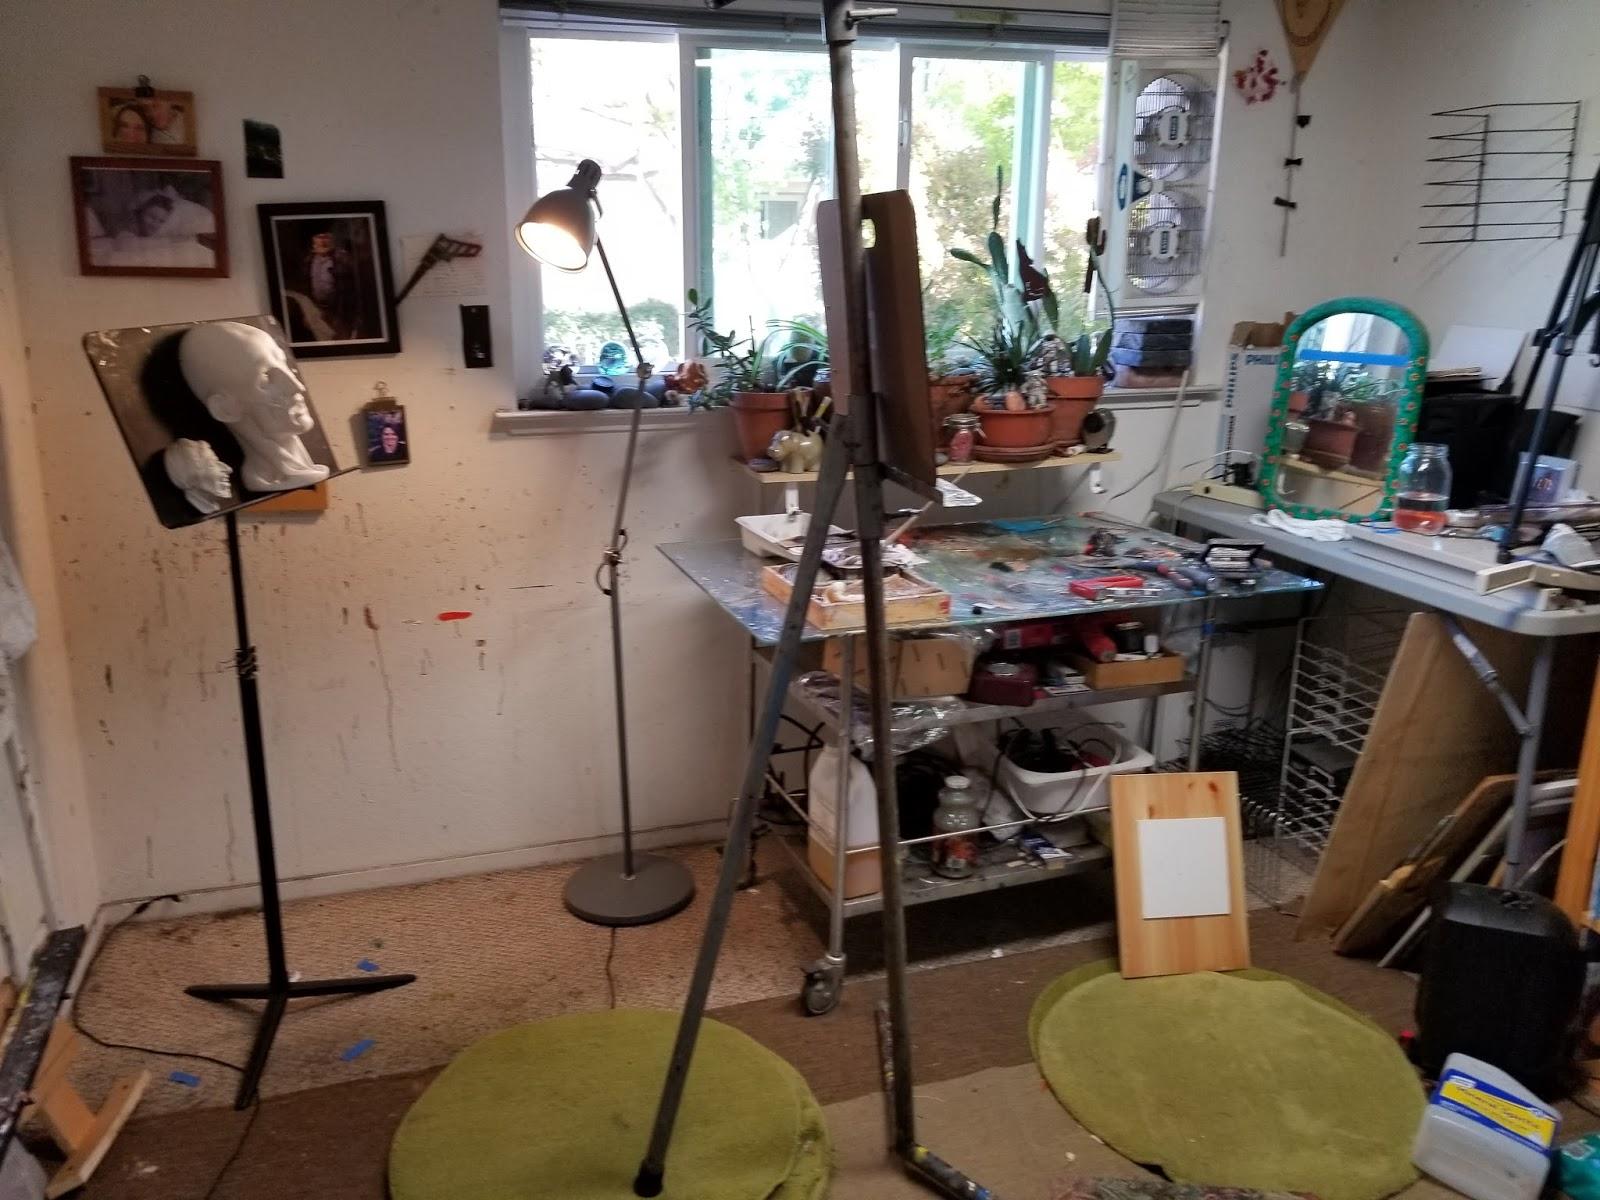 Kenney Mencher: Studio Arrangement